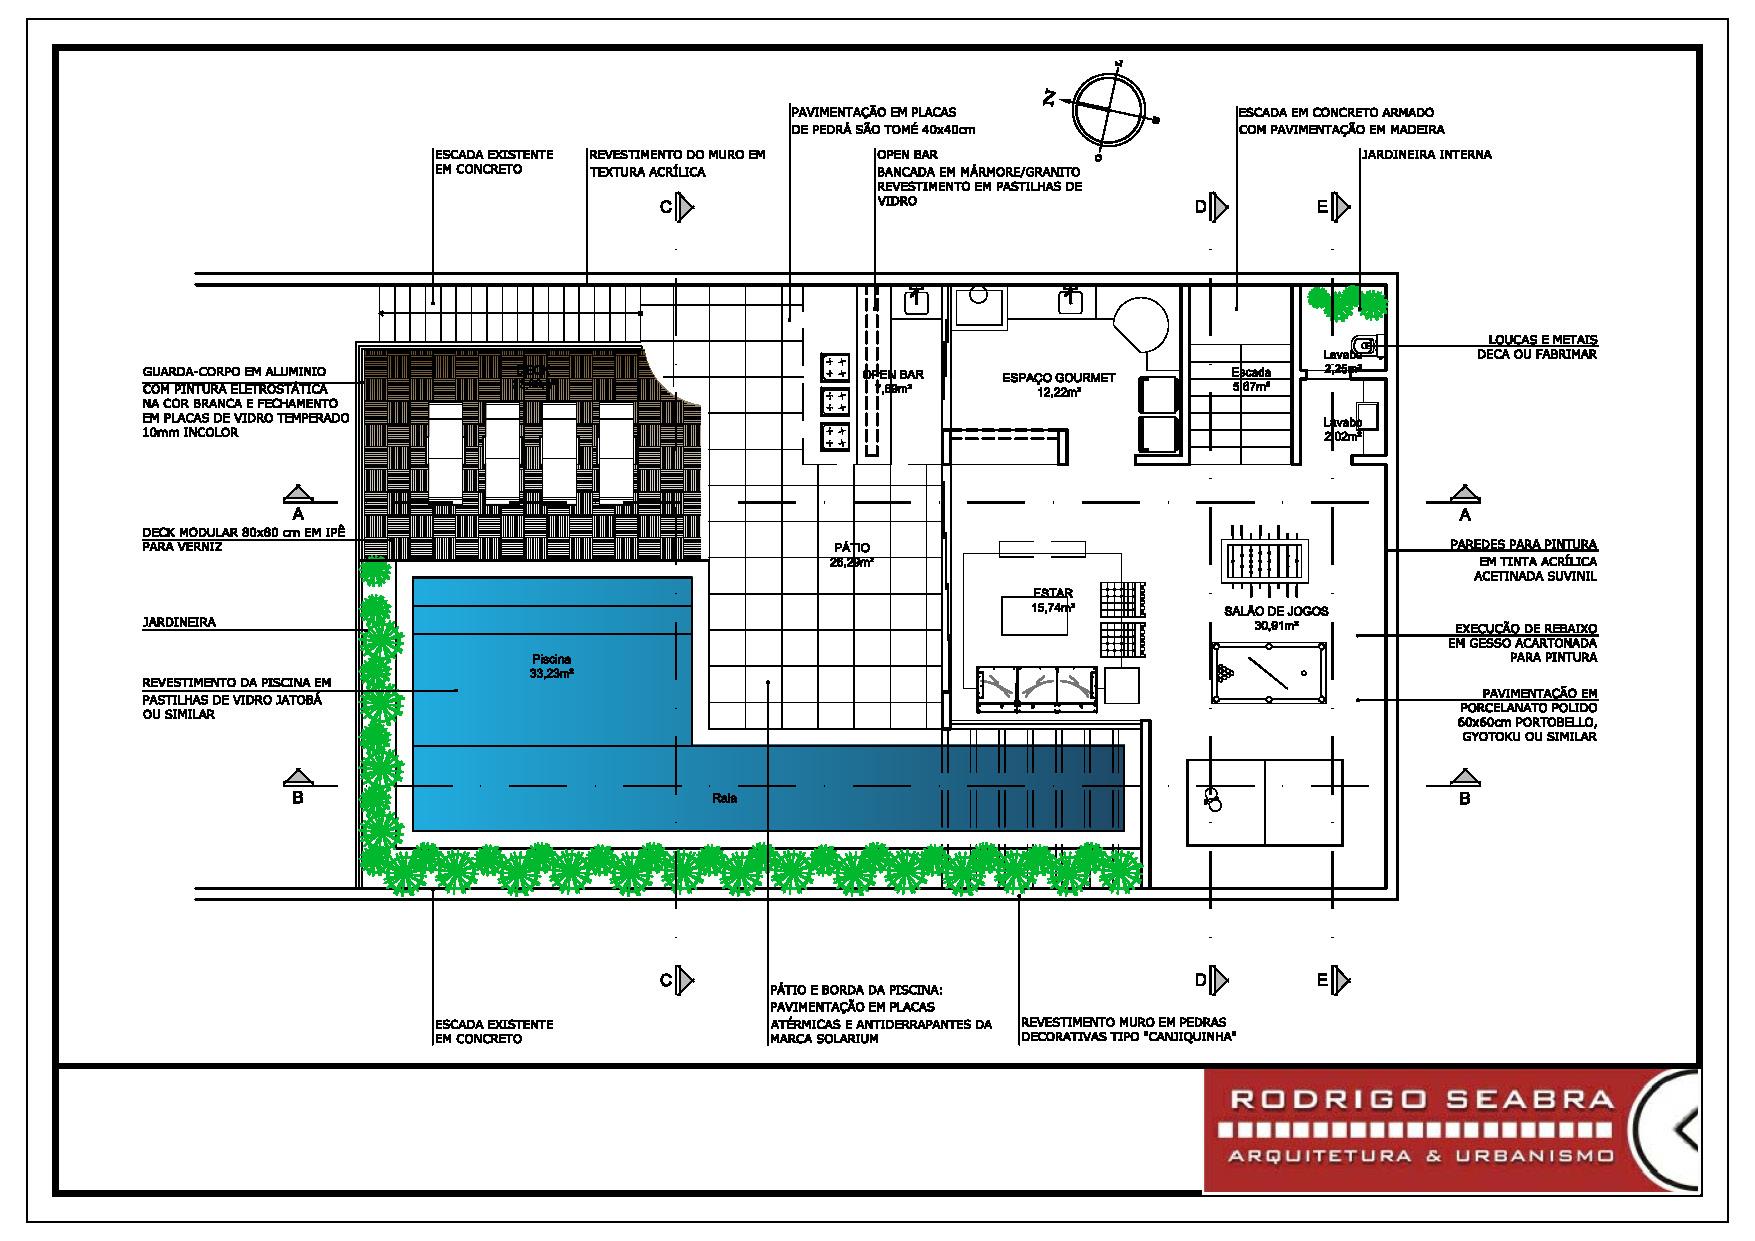 ver planta baixa do projeto informação e opinião planta baixa de  #10BB37 1755 1241